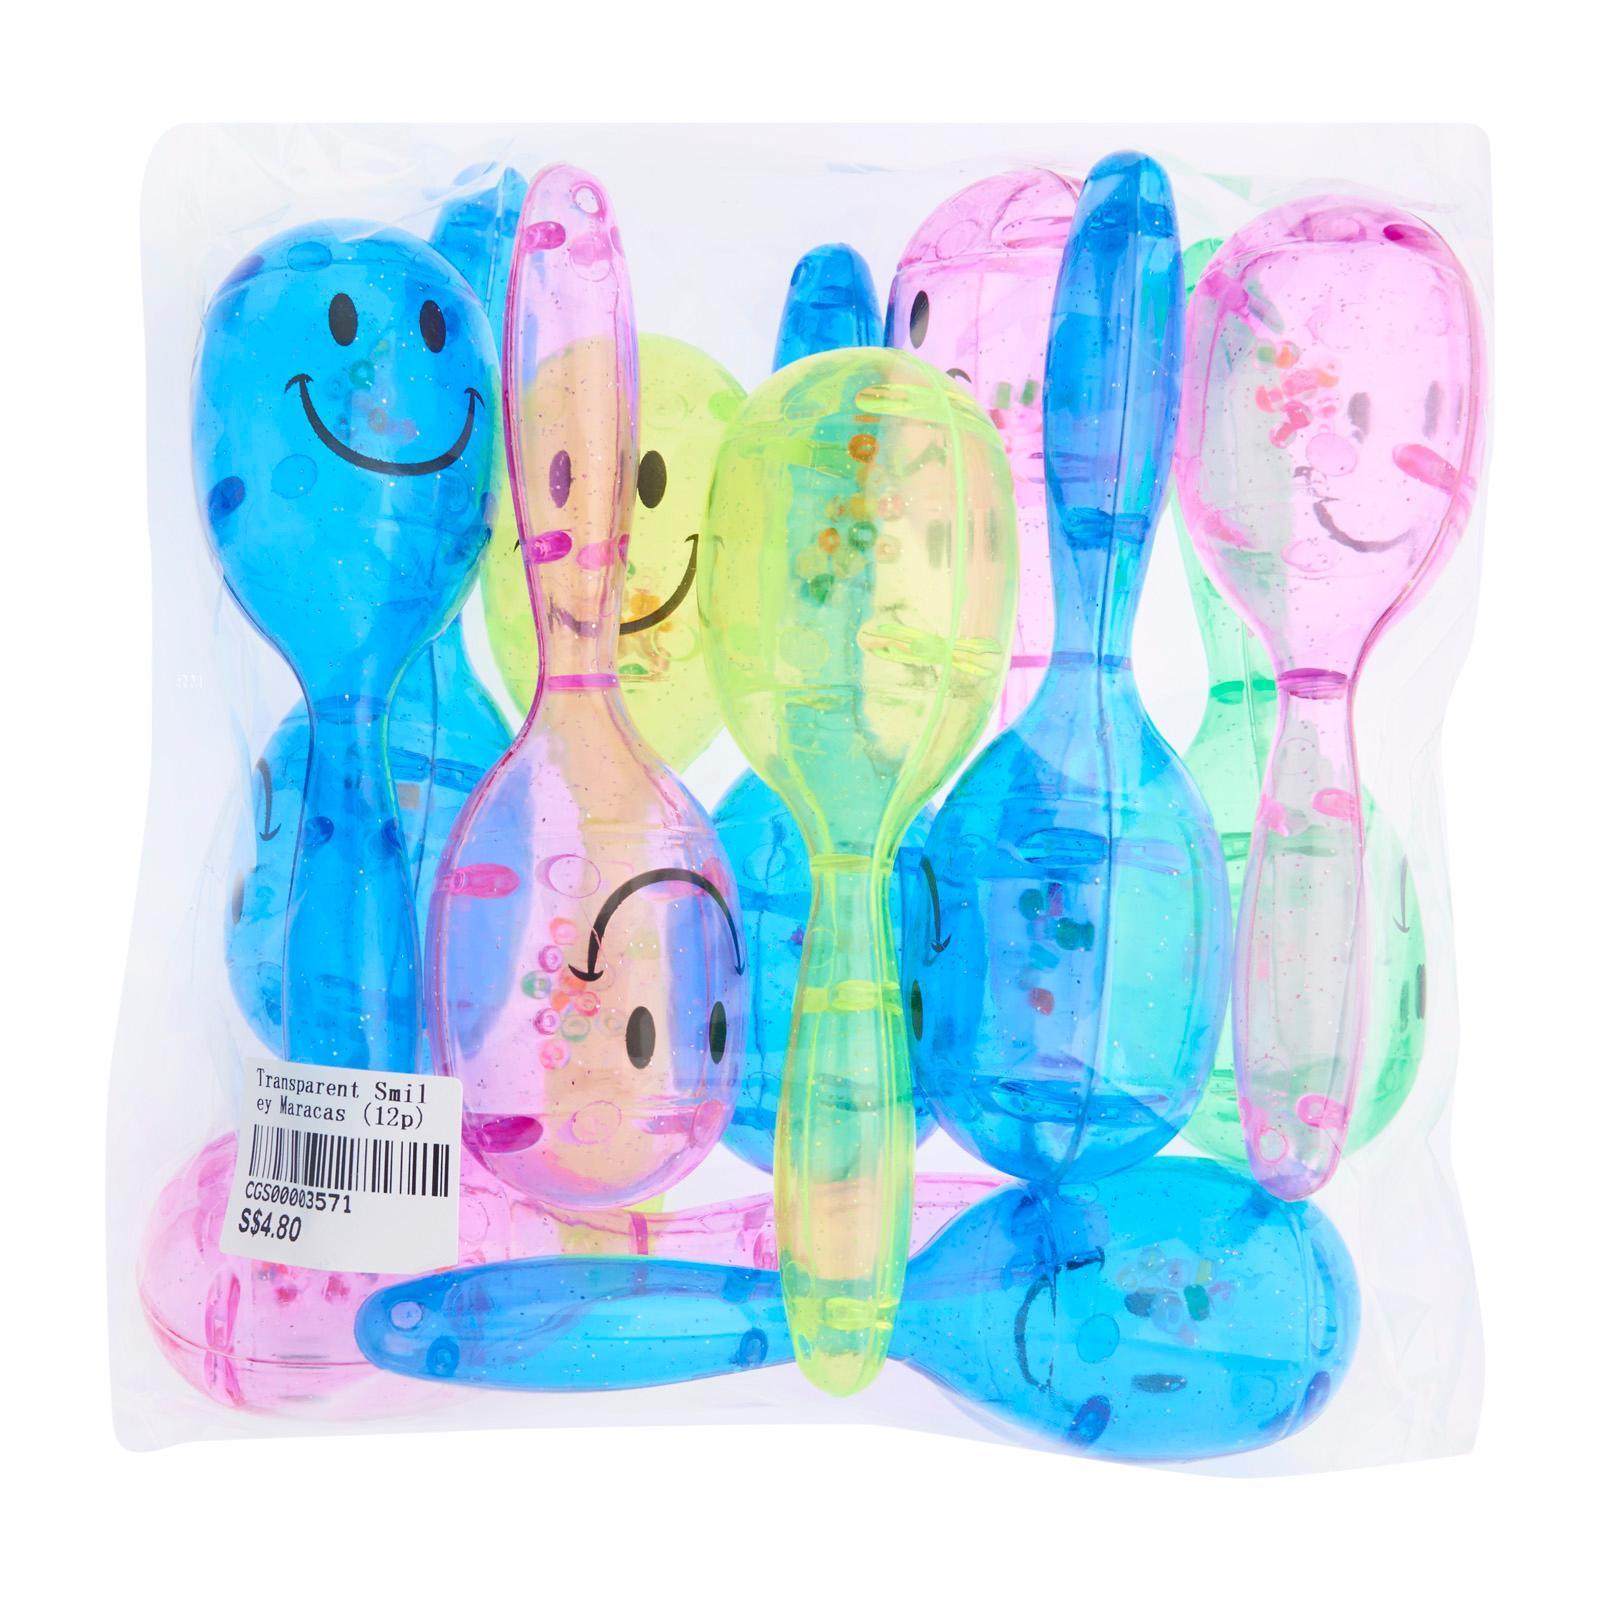 CGS Transparent Smiley Maracas (Assorted) (12Pcs) - Party Favor